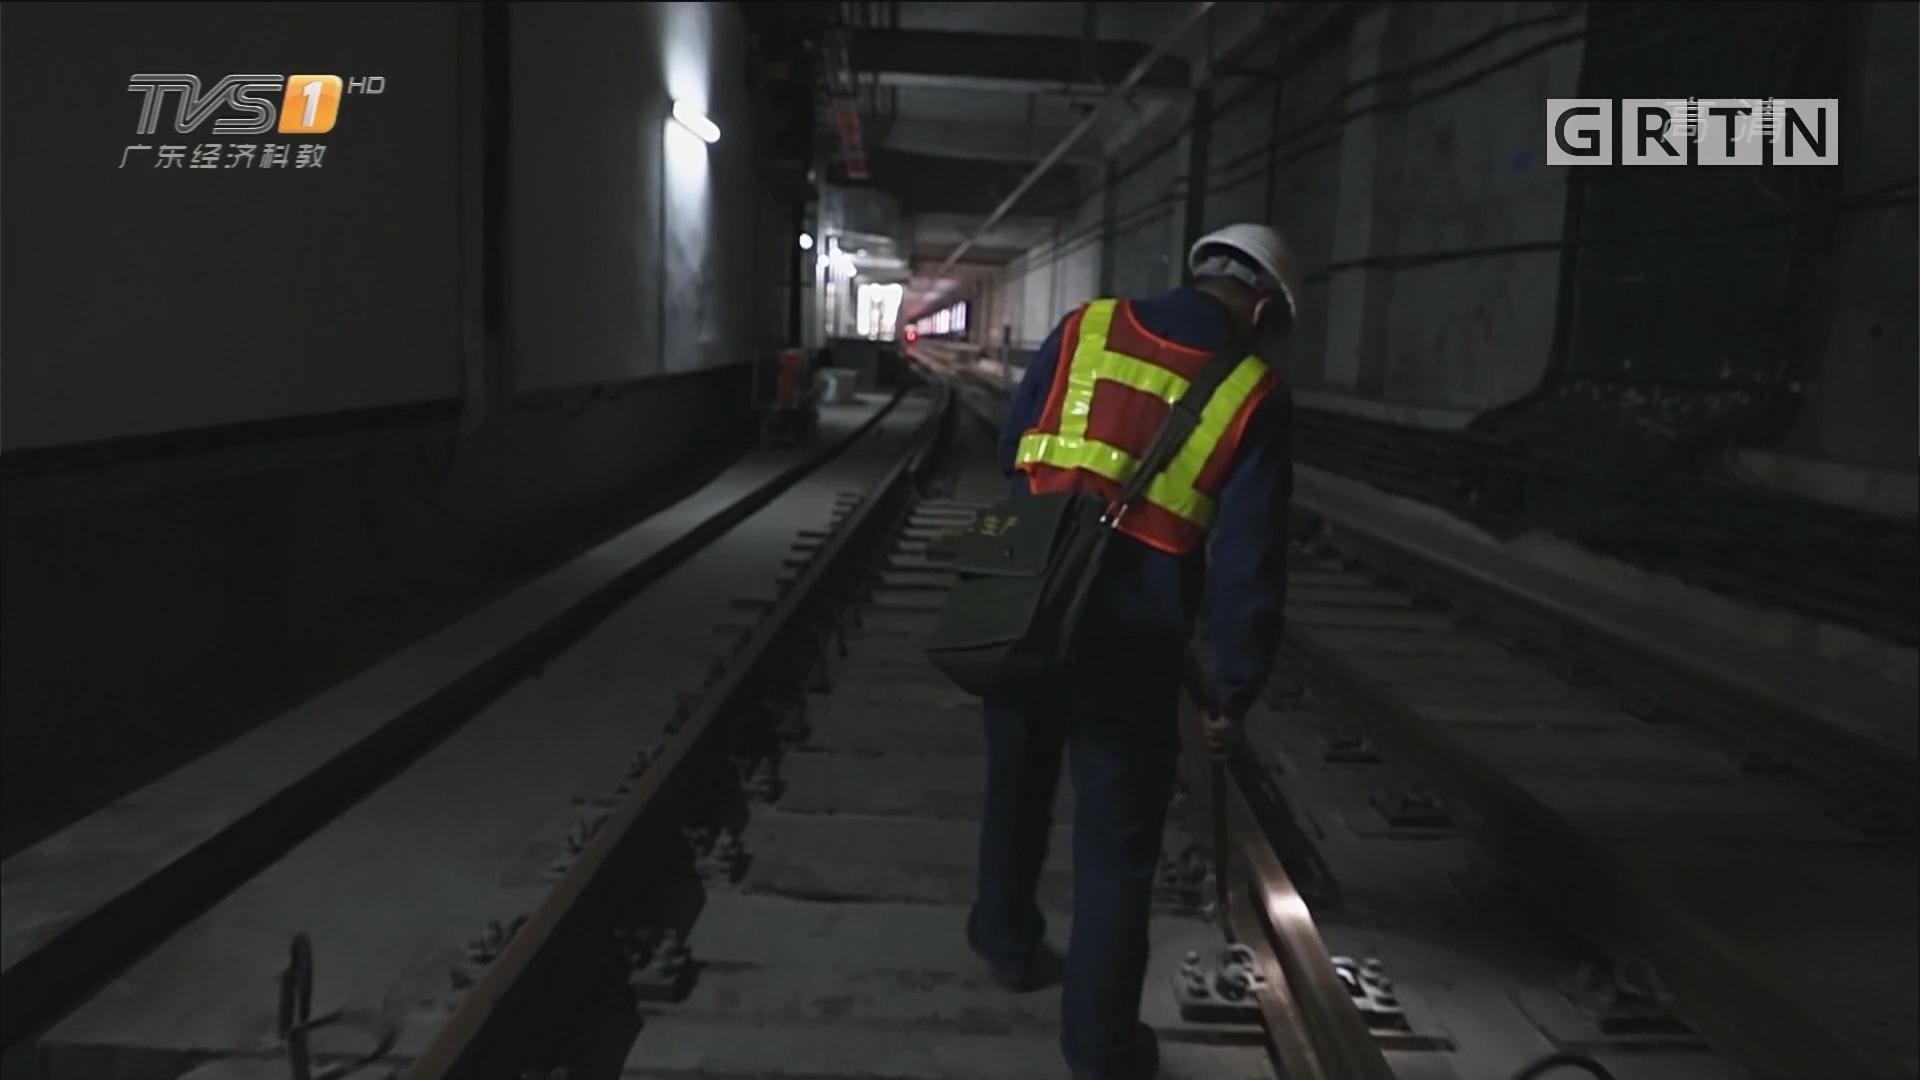 地铁隧道巡检员:为轨道体检的夜班医生